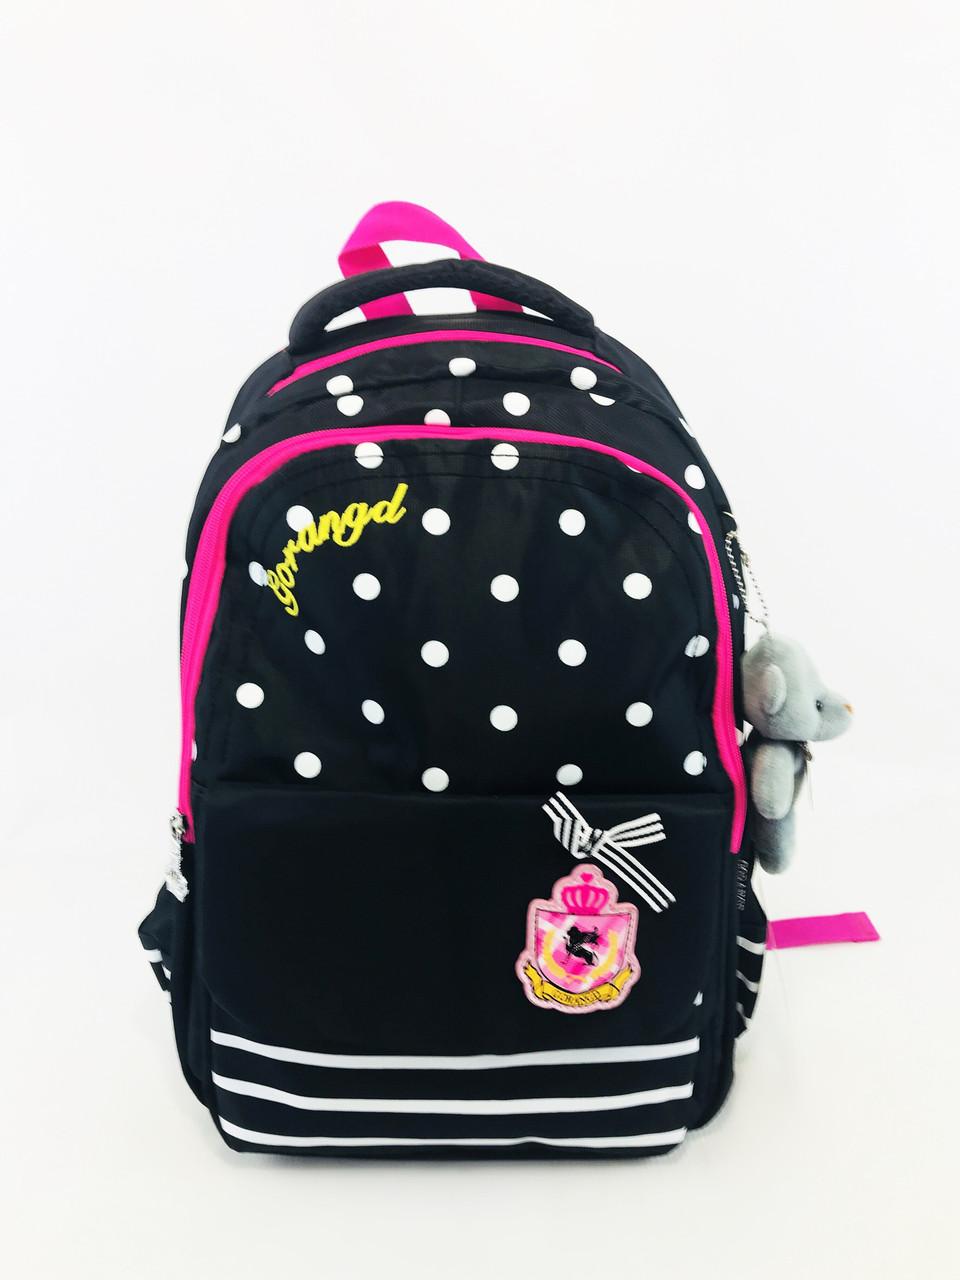 Школьный рюкзак для девочки в расцветках, фото 1